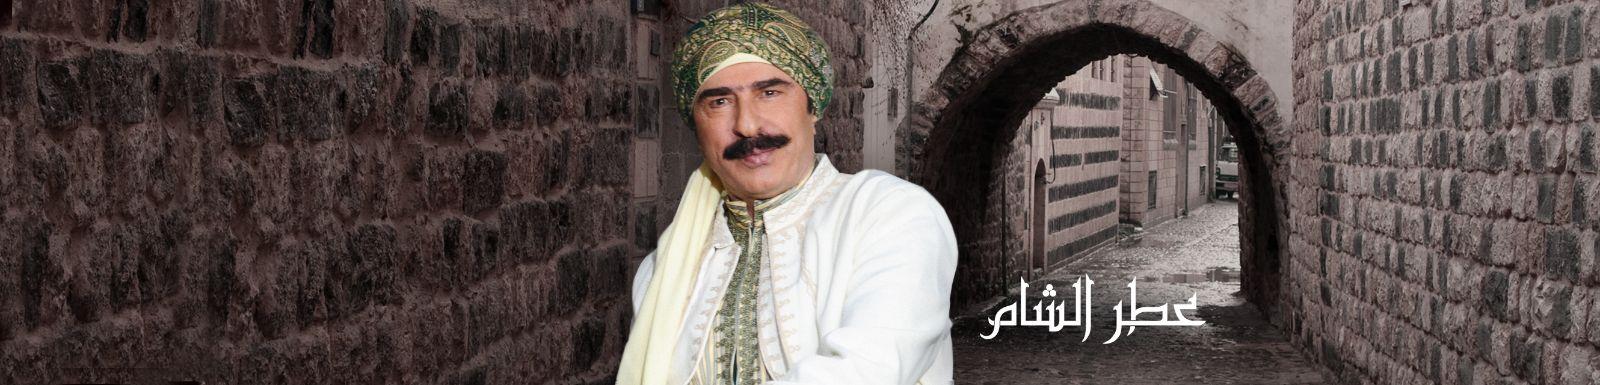 تحميل مسلسل عطر الشام الحلقة 19 شاهد نت 2016